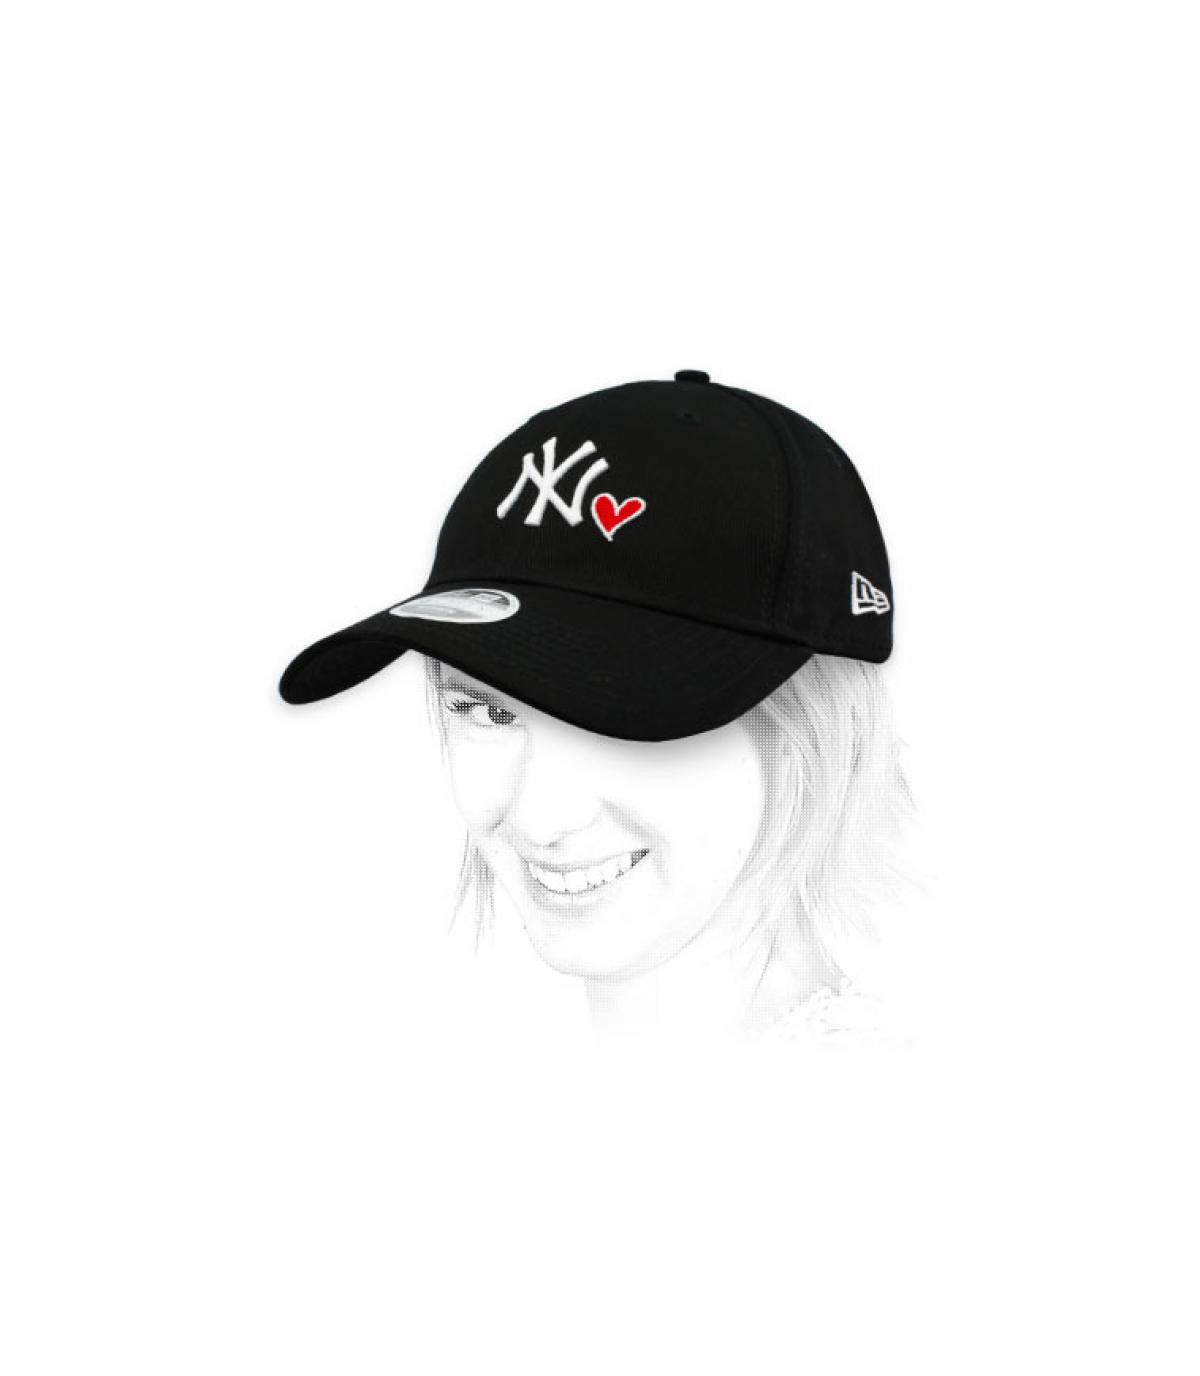 casquette femme NY cœur noir